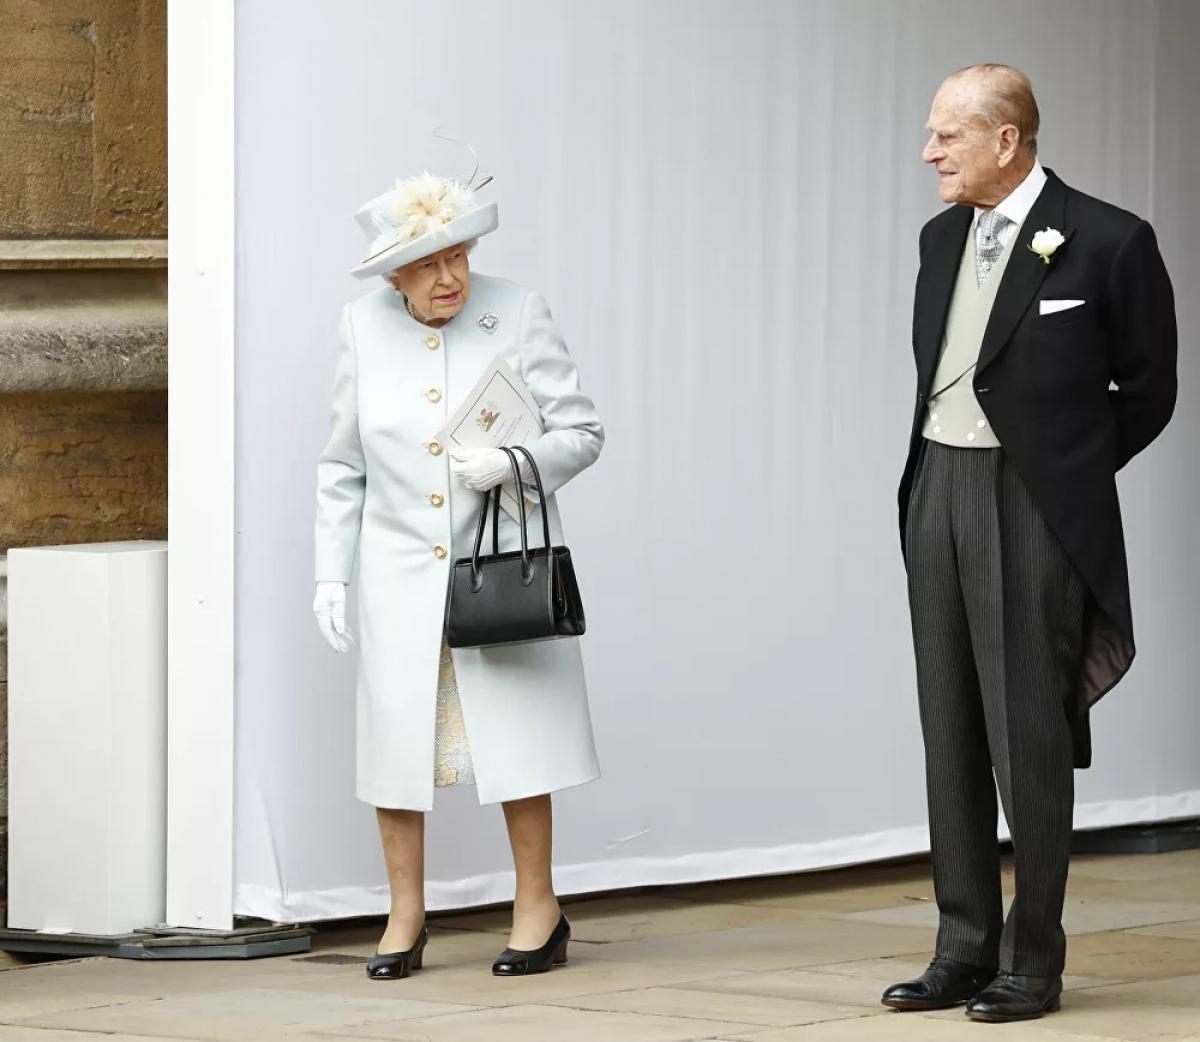 Trong những năm gần đây, Hoàng thân Philip thường xuyên phải nhập viện, nhưng mỗi lần như vậy ông đều từ chối gặp bất kỳ vị khách nào, kể cả Nữ hoàng.